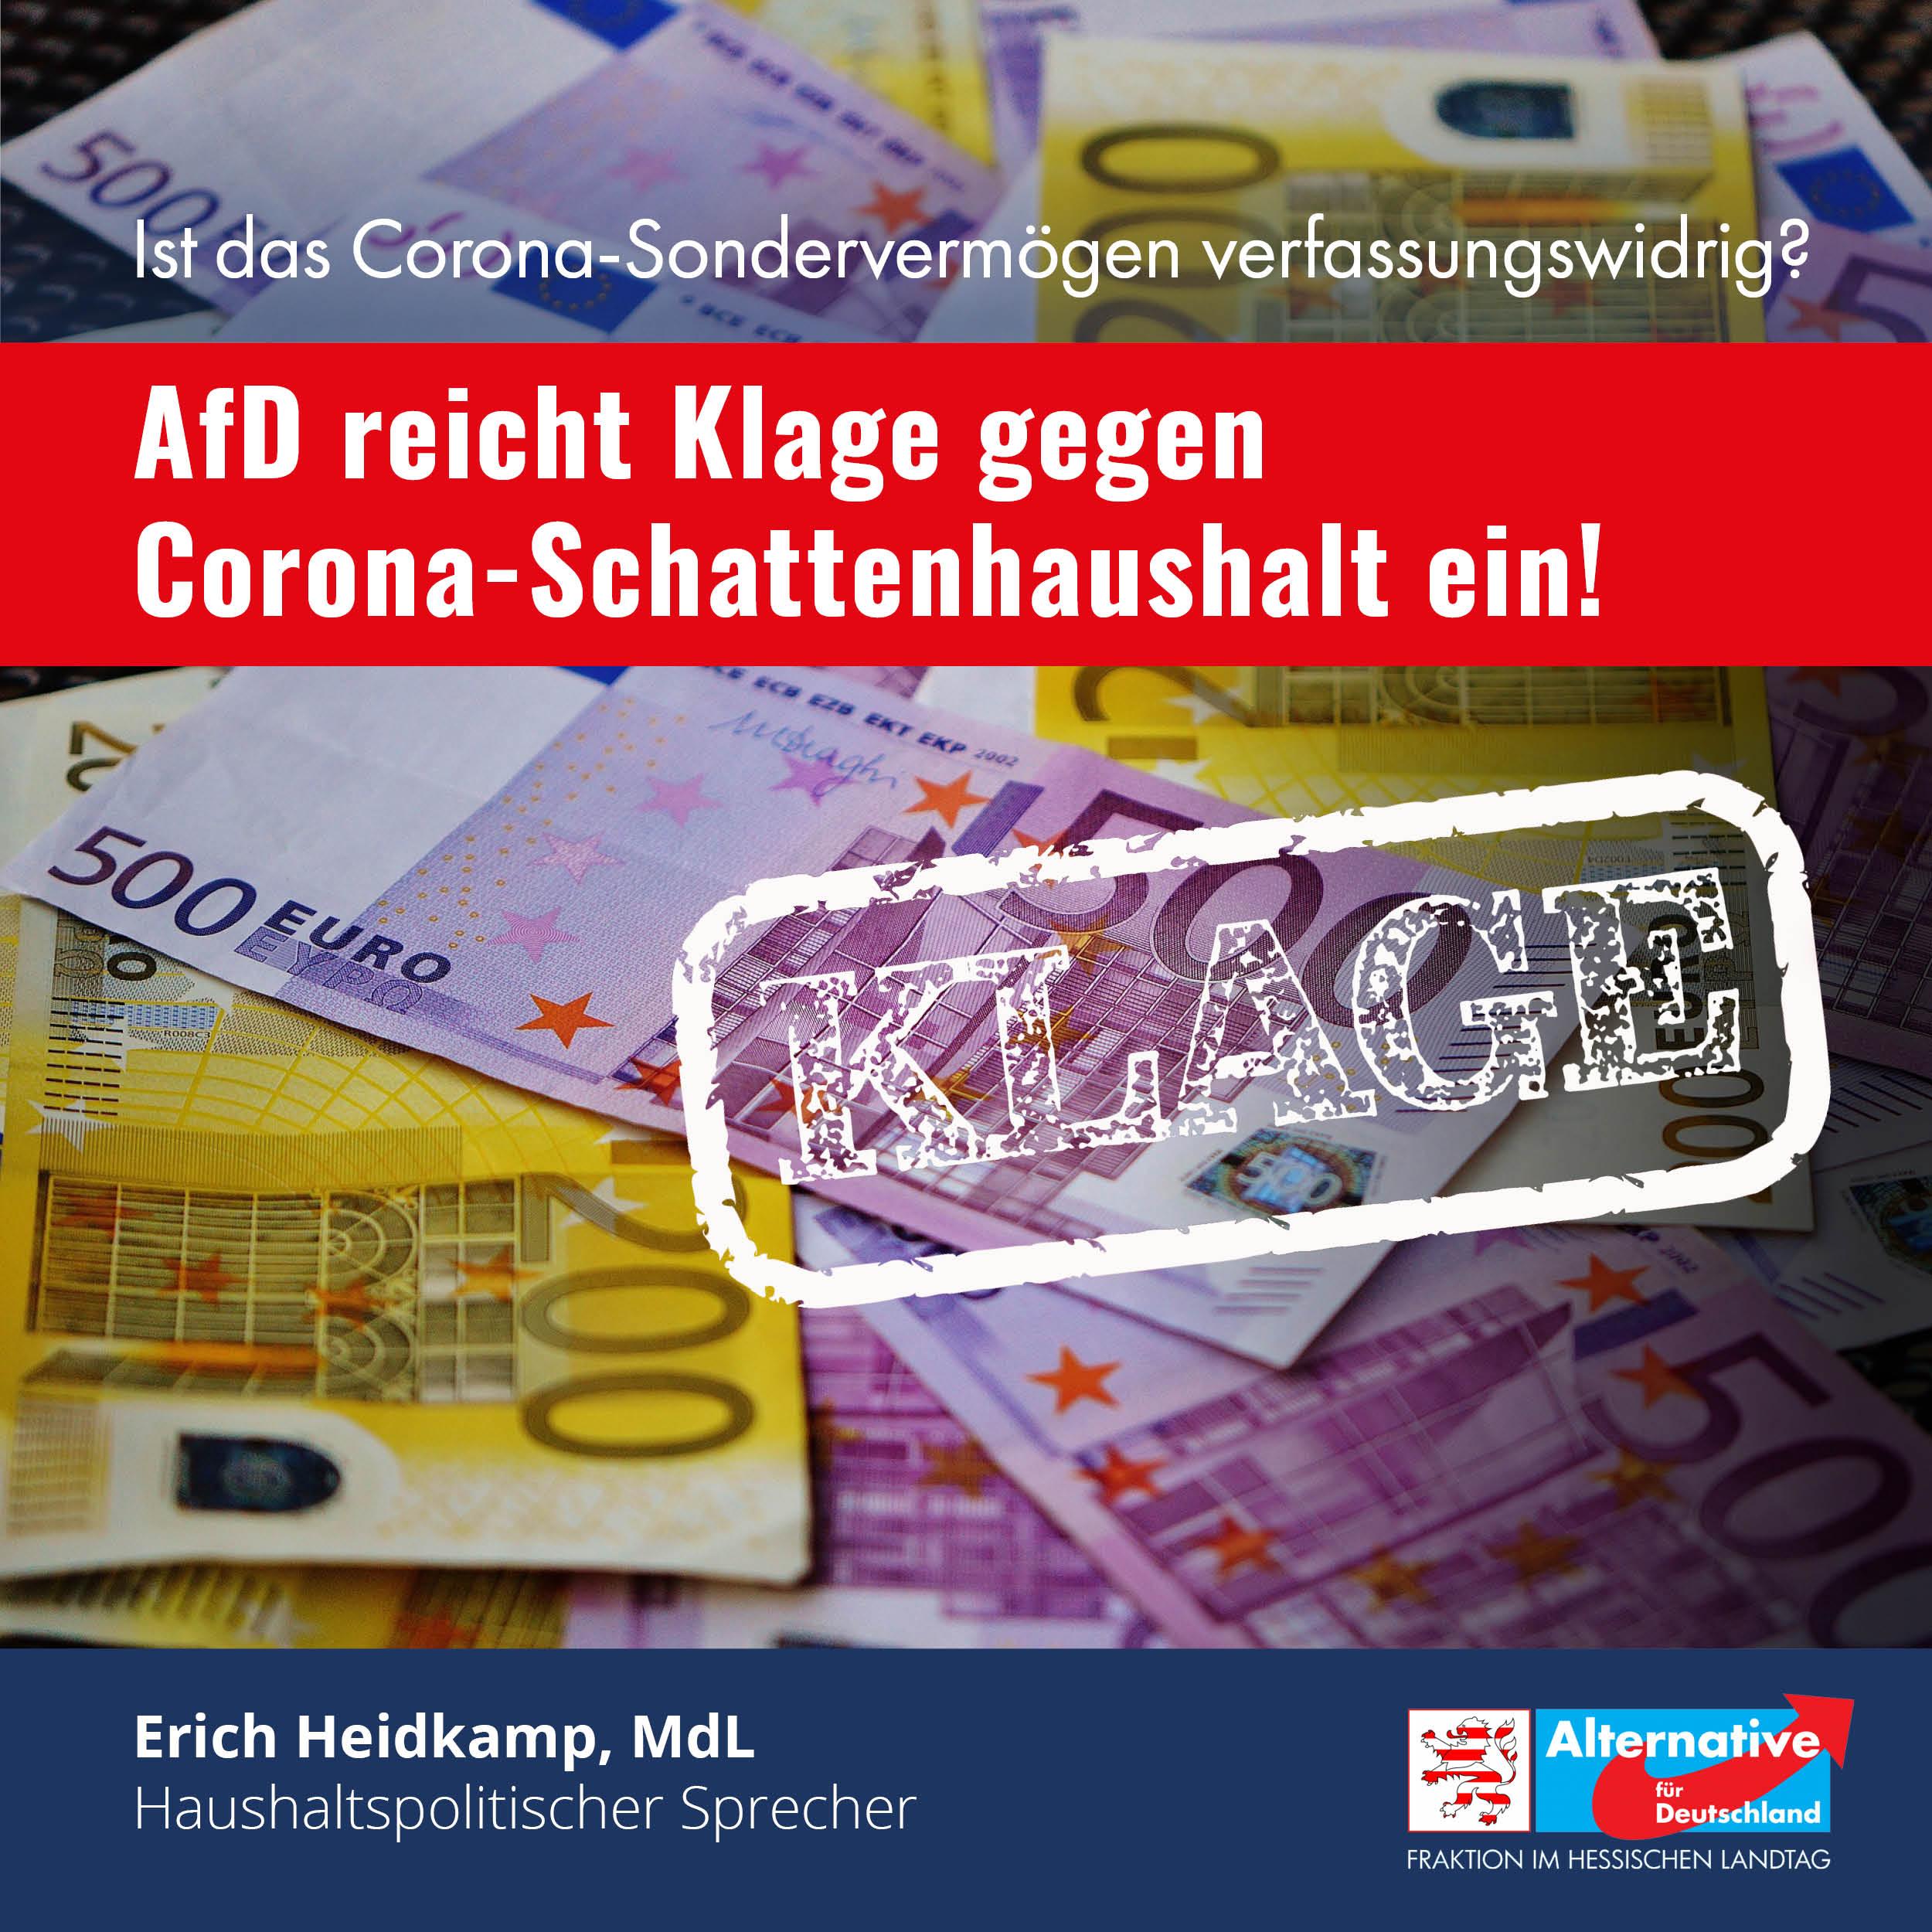 You are currently viewing AfD-Fraktion klagt gegen Sondervermögensgesetz!